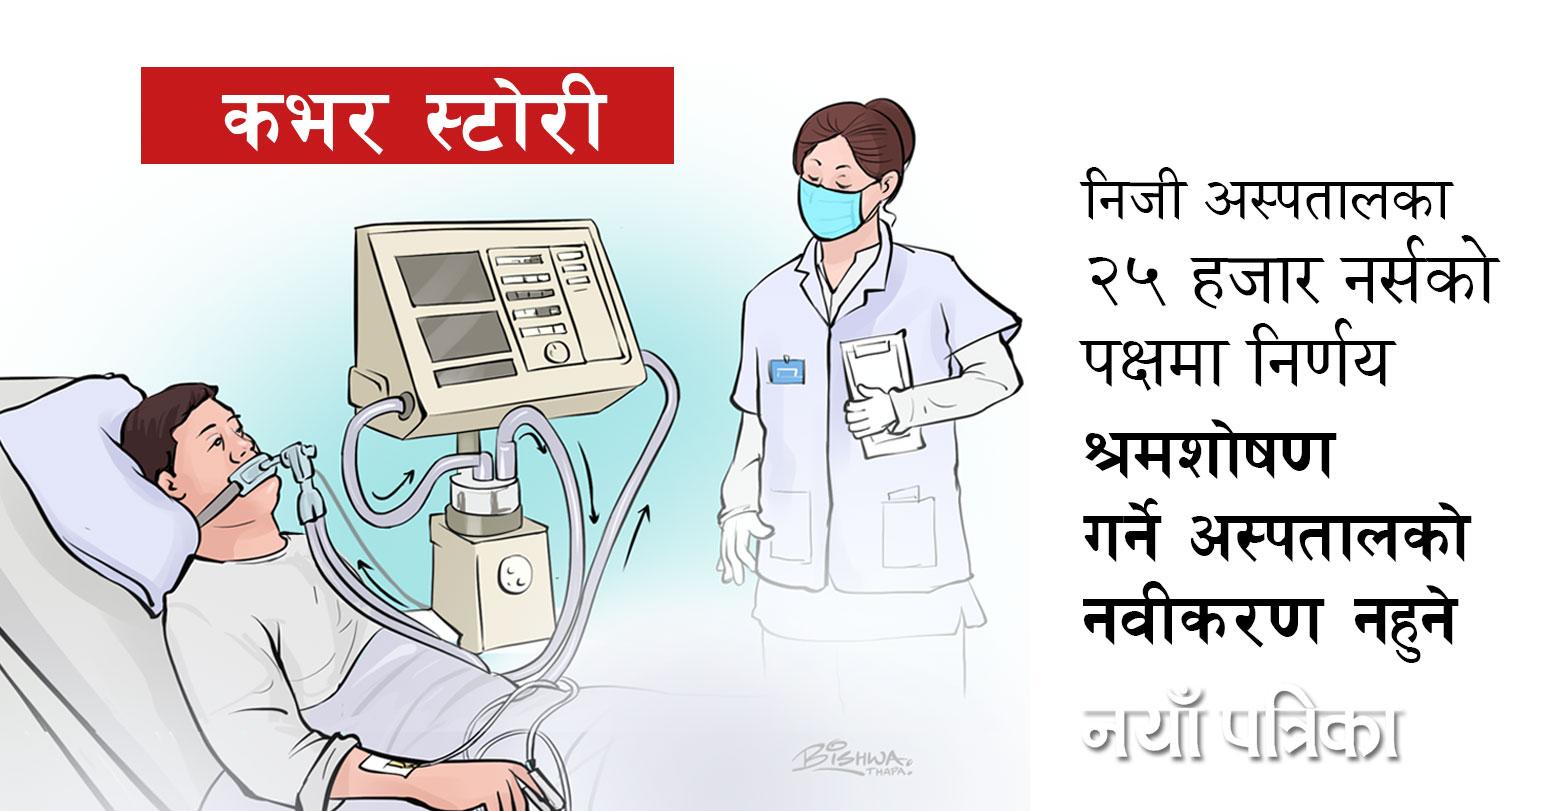 श्रम शोषणमा परेका नर्सको पक्षमा सरकारी निर्देशन, बैंकमा तलब नबुझाए नवीकरण नहुने